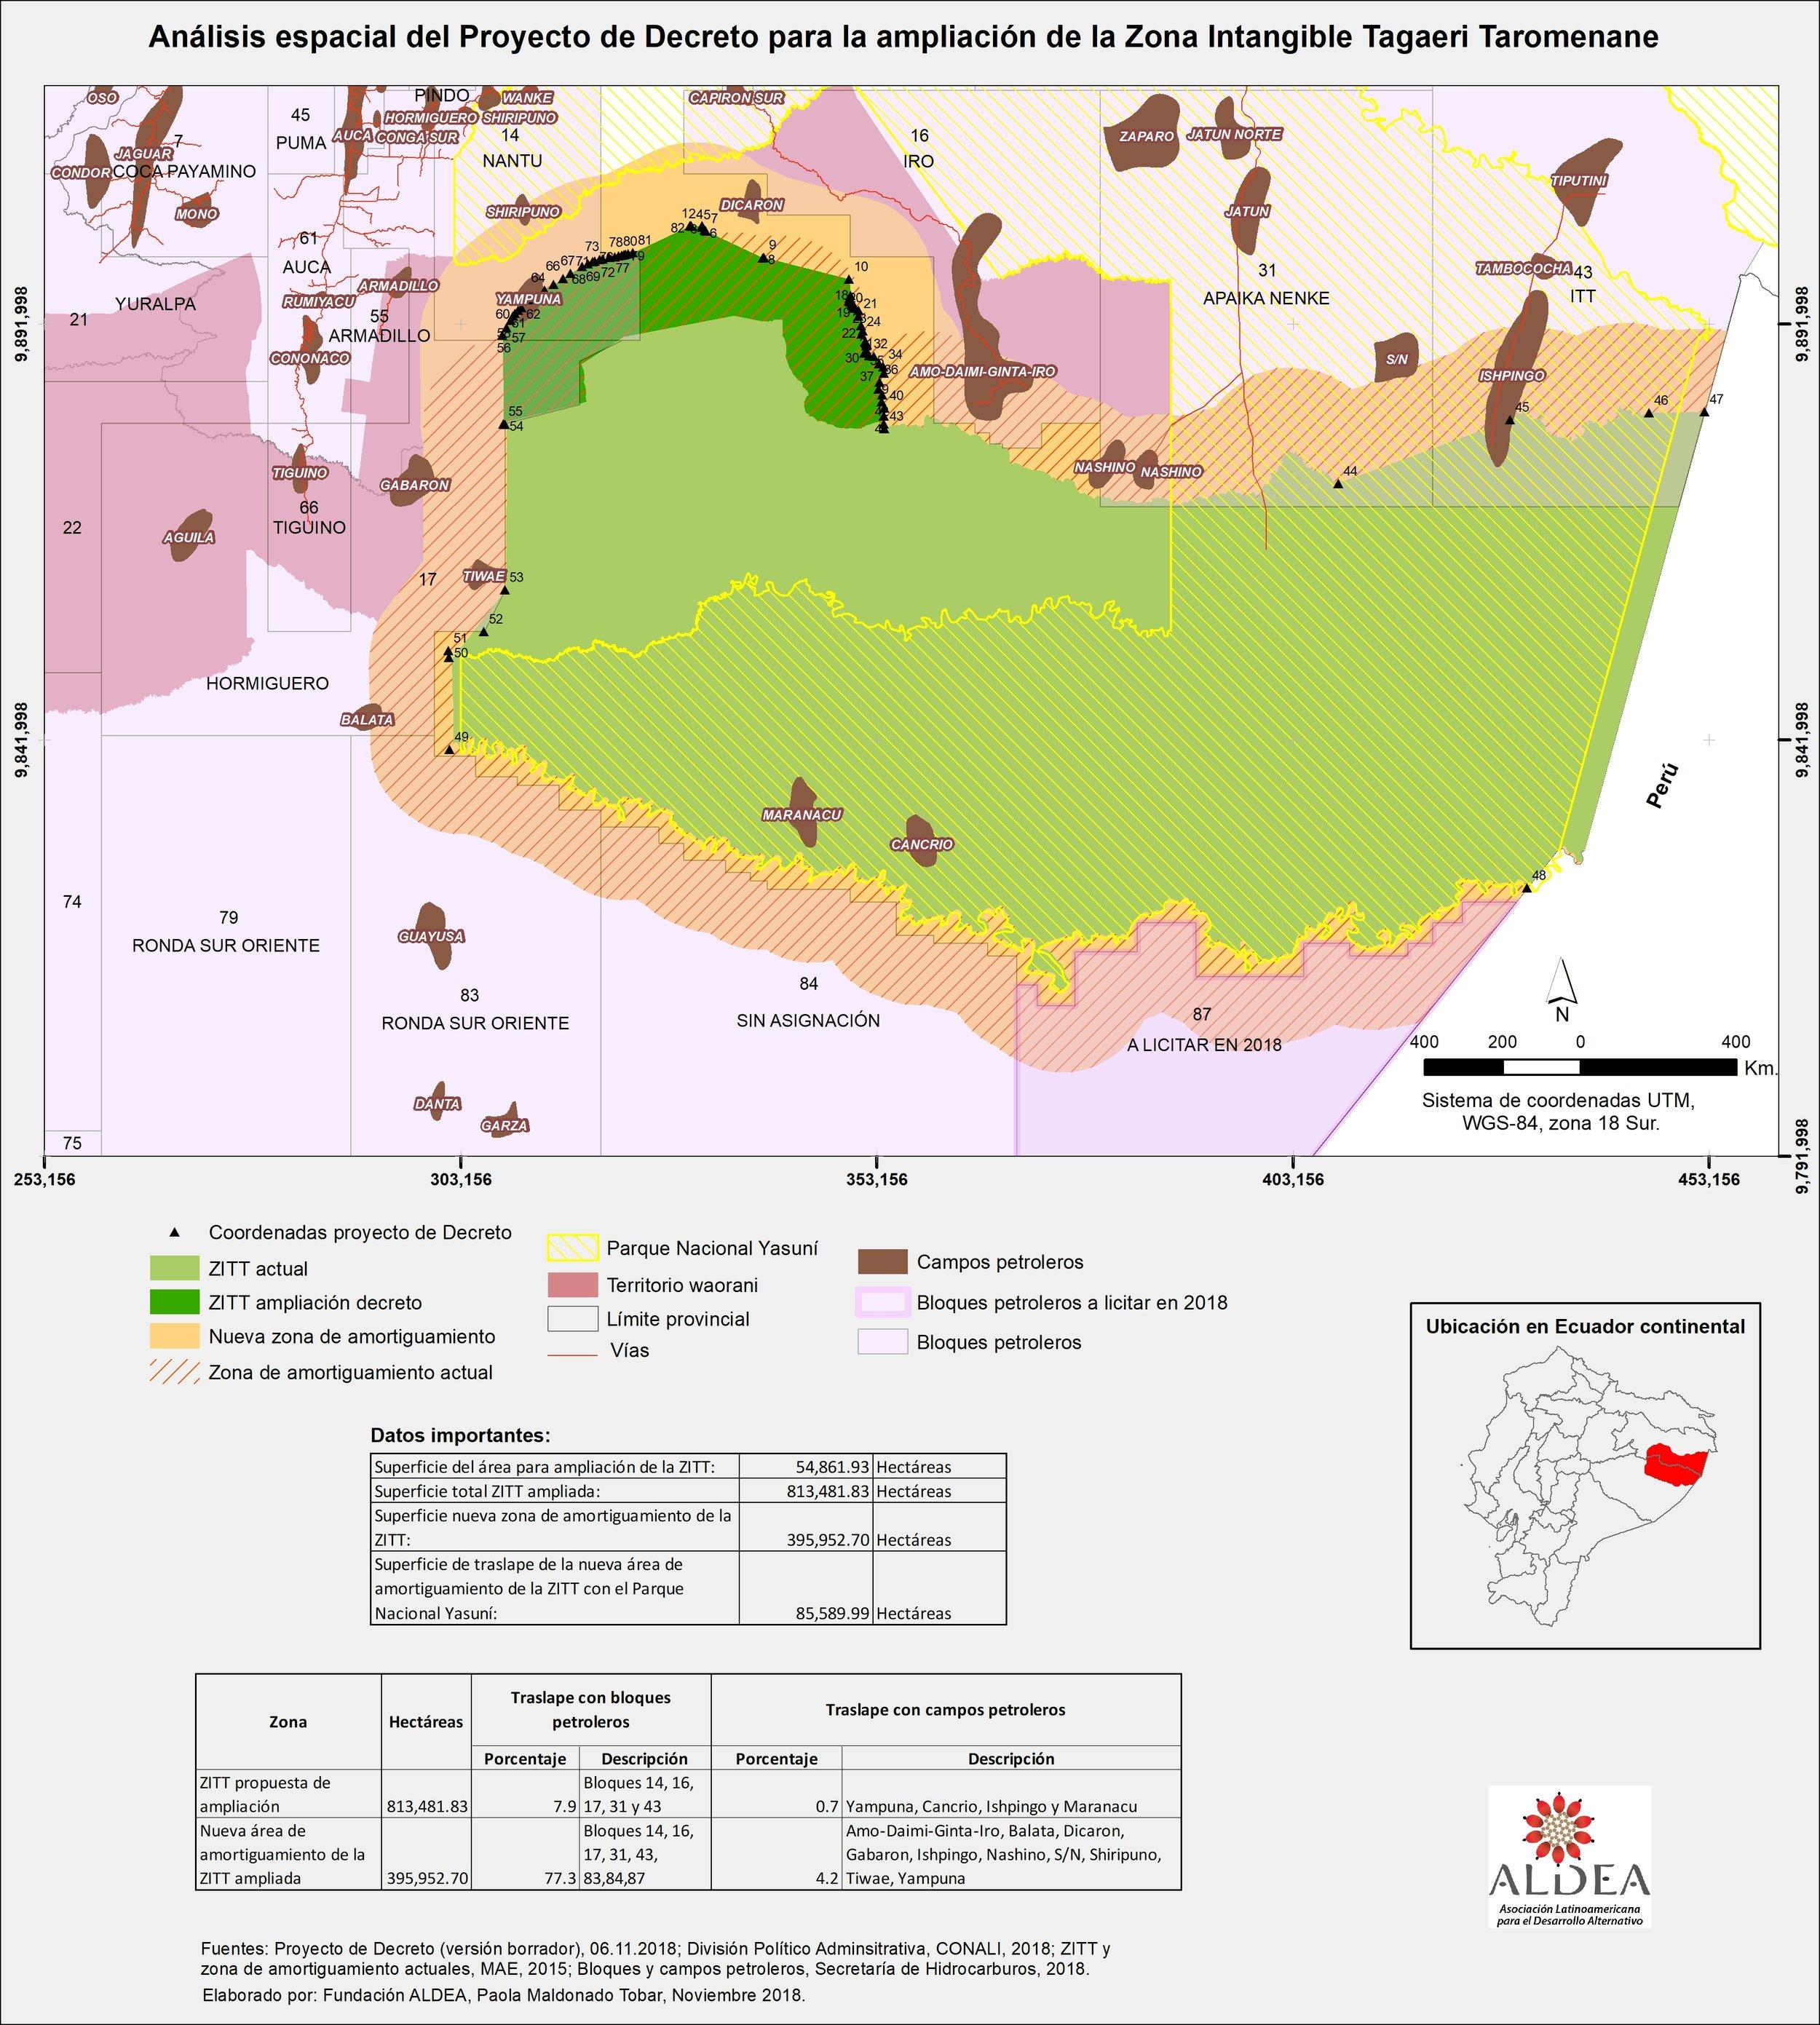 Mapa del proyecto de Decreto: área de ampliación, la zona de amortiguamiento, zona de traslape con el Parque Nacional Yasuní. Elaboración: Fundación ALDEA.